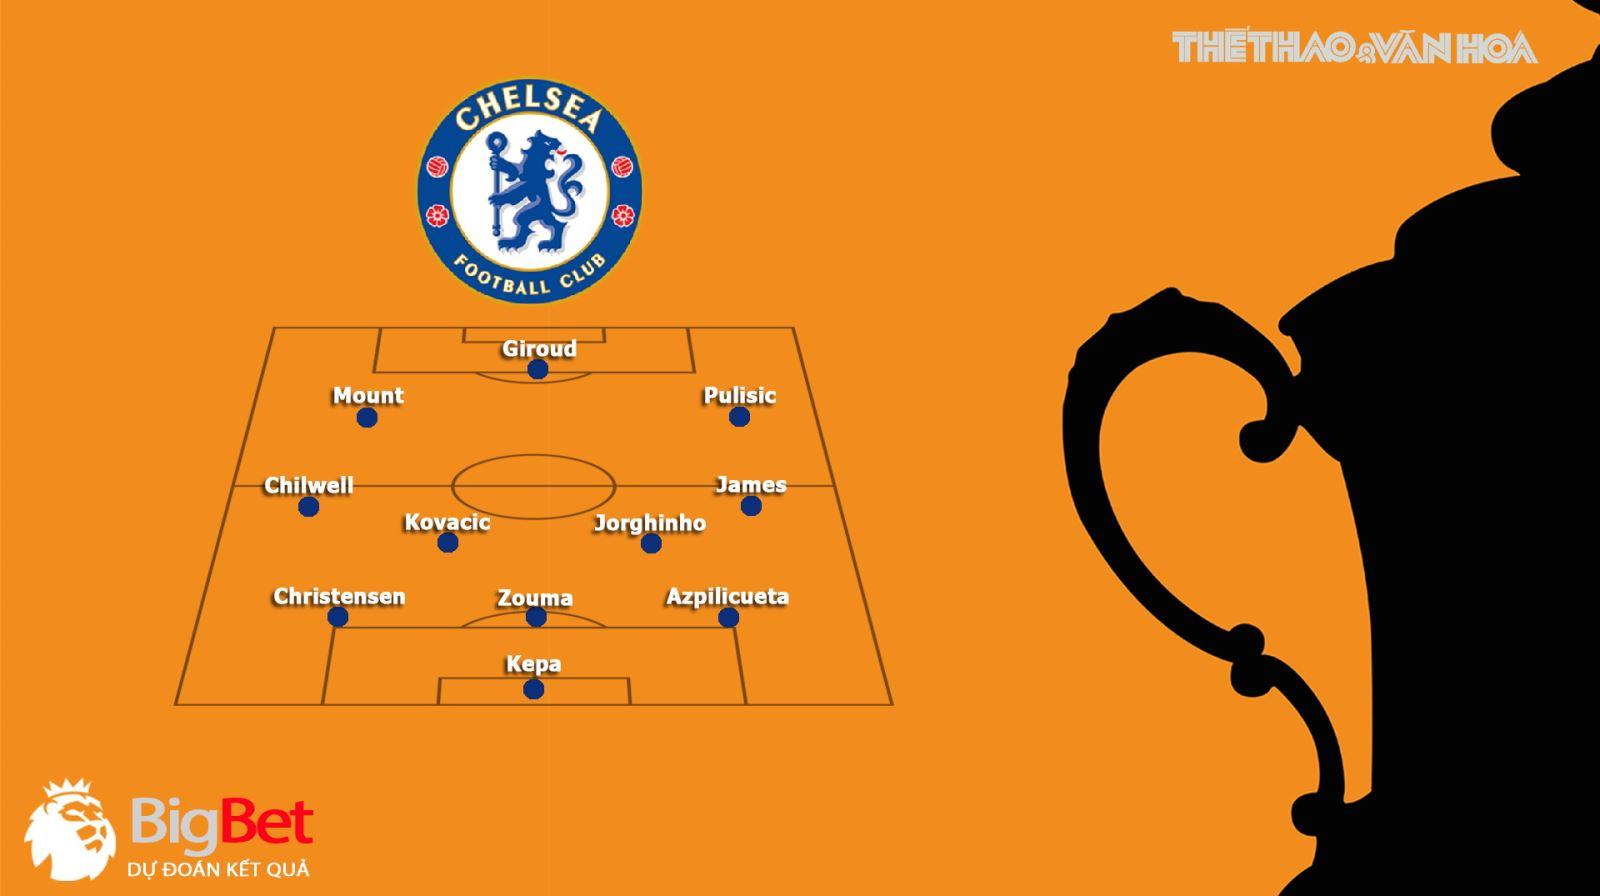 Keo nha cai, Kèo nhà cái, Chelsea vs Sheffield, SCTV trực tiếp bóng đá Tứ kết FA Cup, Kèo Chelsea, xem trực tiếp Chelsea đấu với Sheffield, xem bóng đá trực tuyến Chelsea